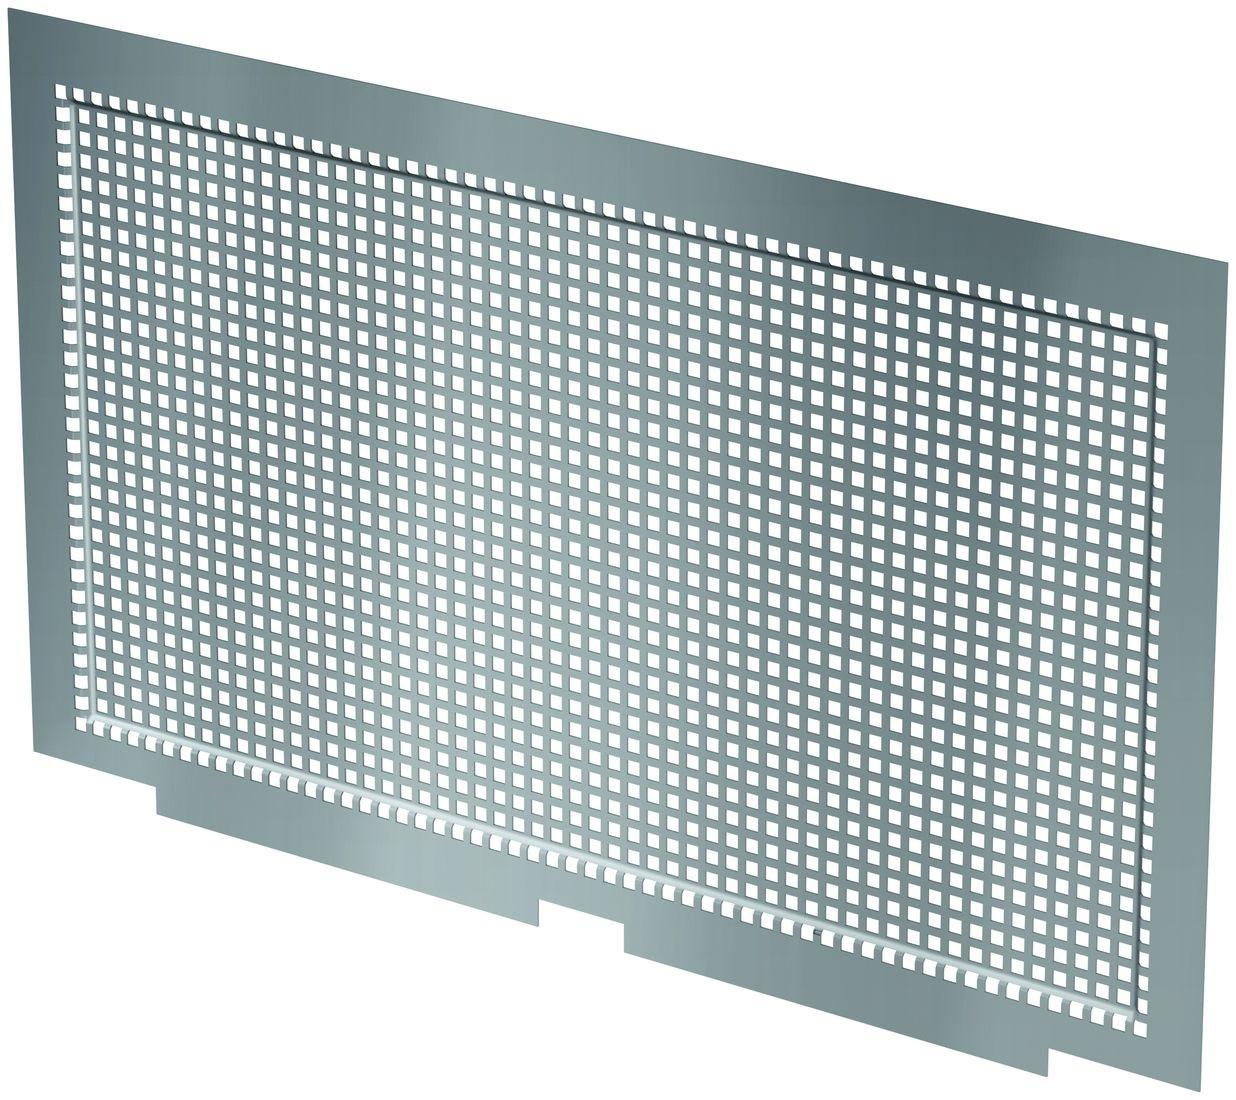 aco 100x80cm schutzgitter f r kipp nebenraumfenster fenster gitter kellerfenster. Black Bedroom Furniture Sets. Home Design Ideas